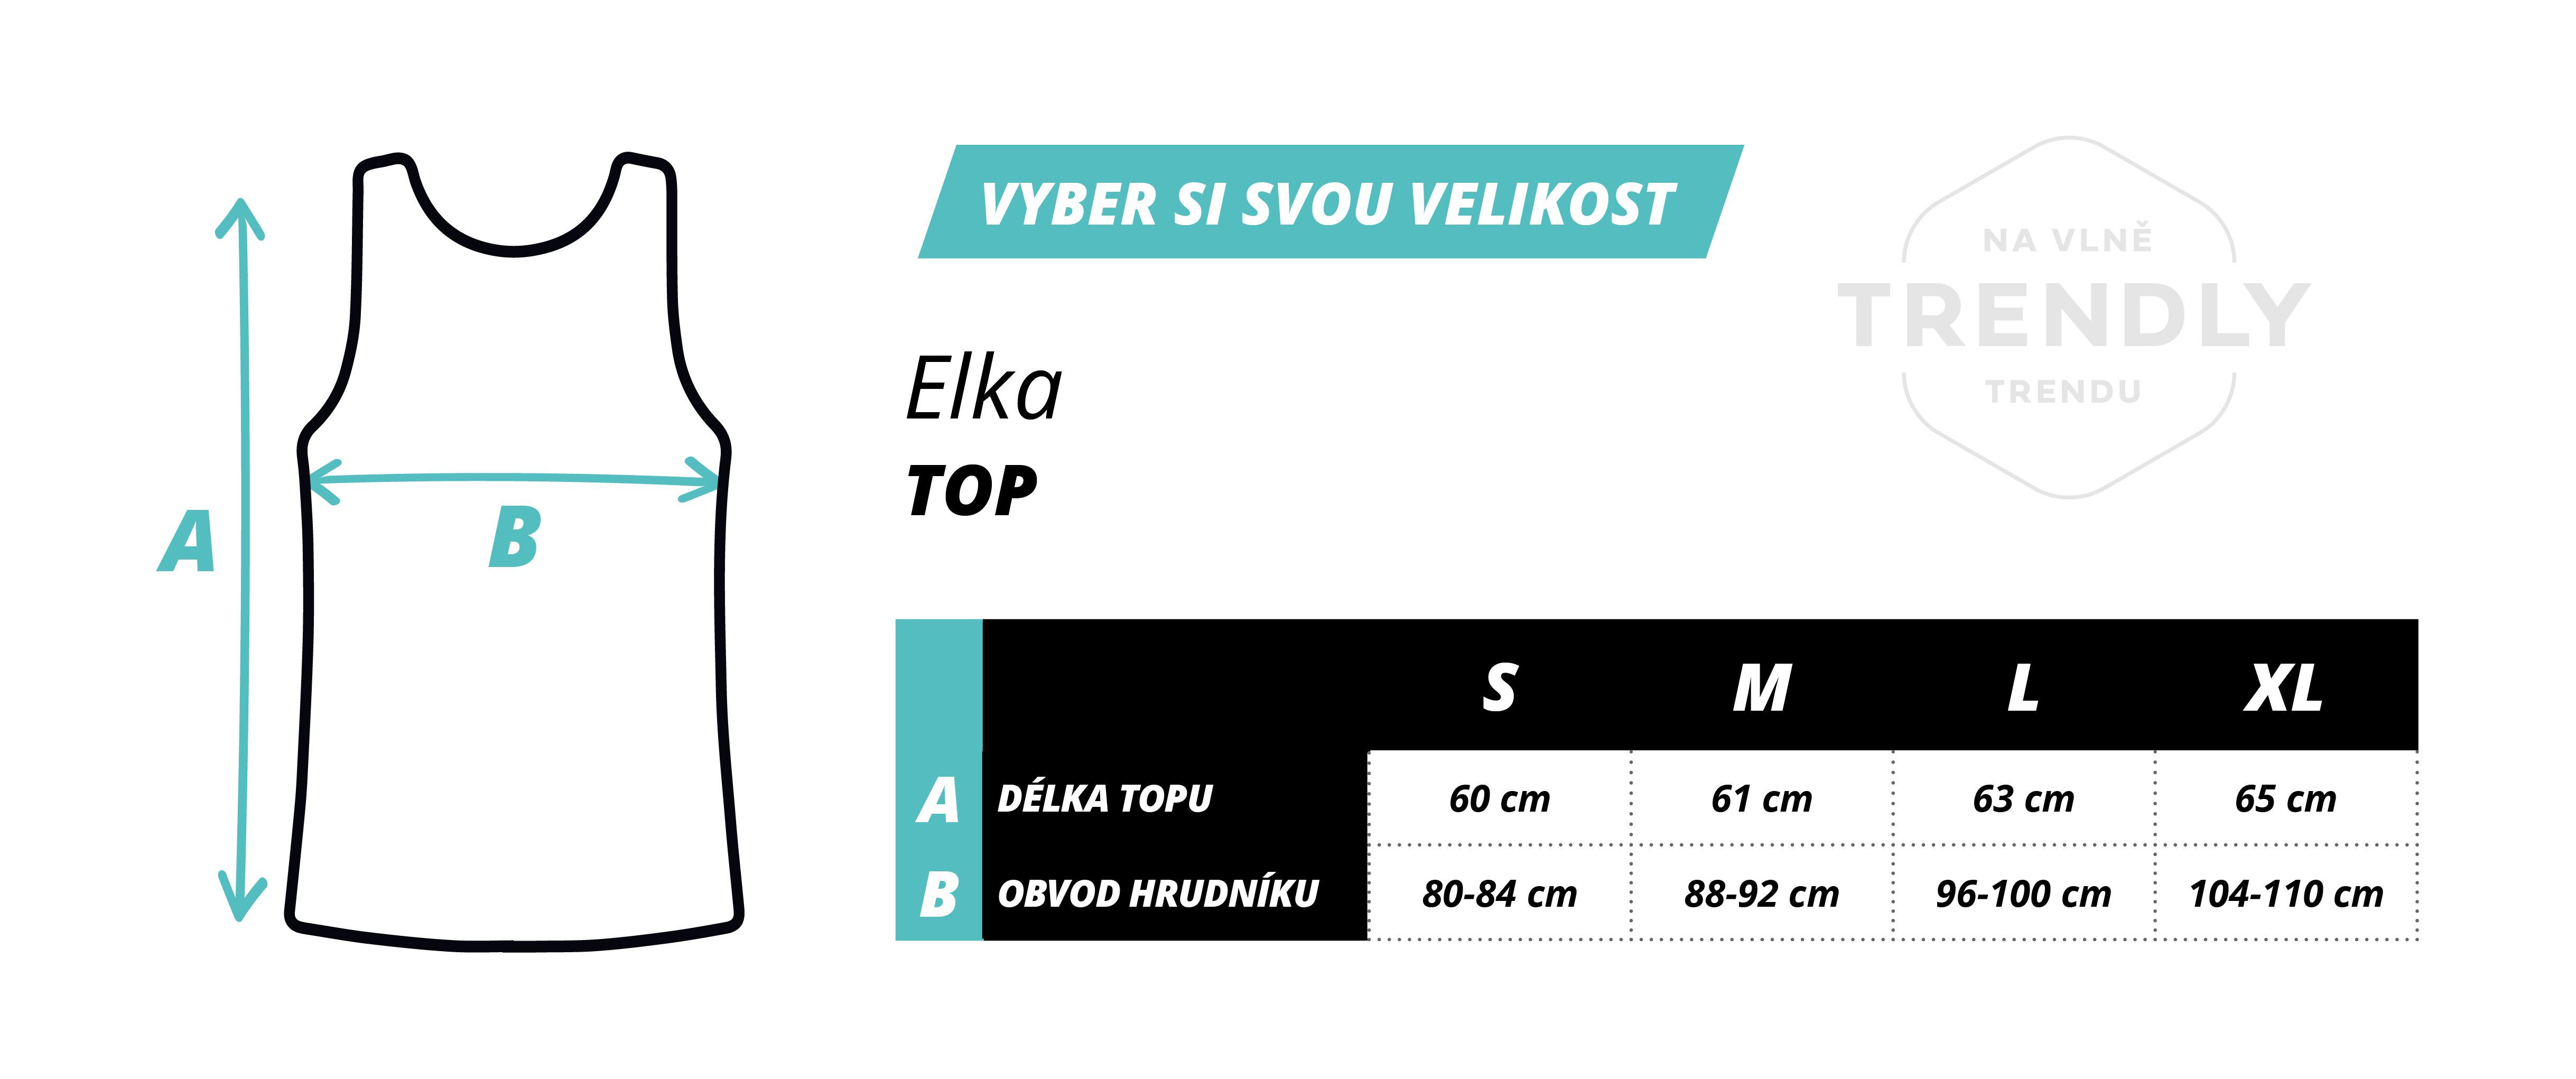 trendly_velikosti_top_elka